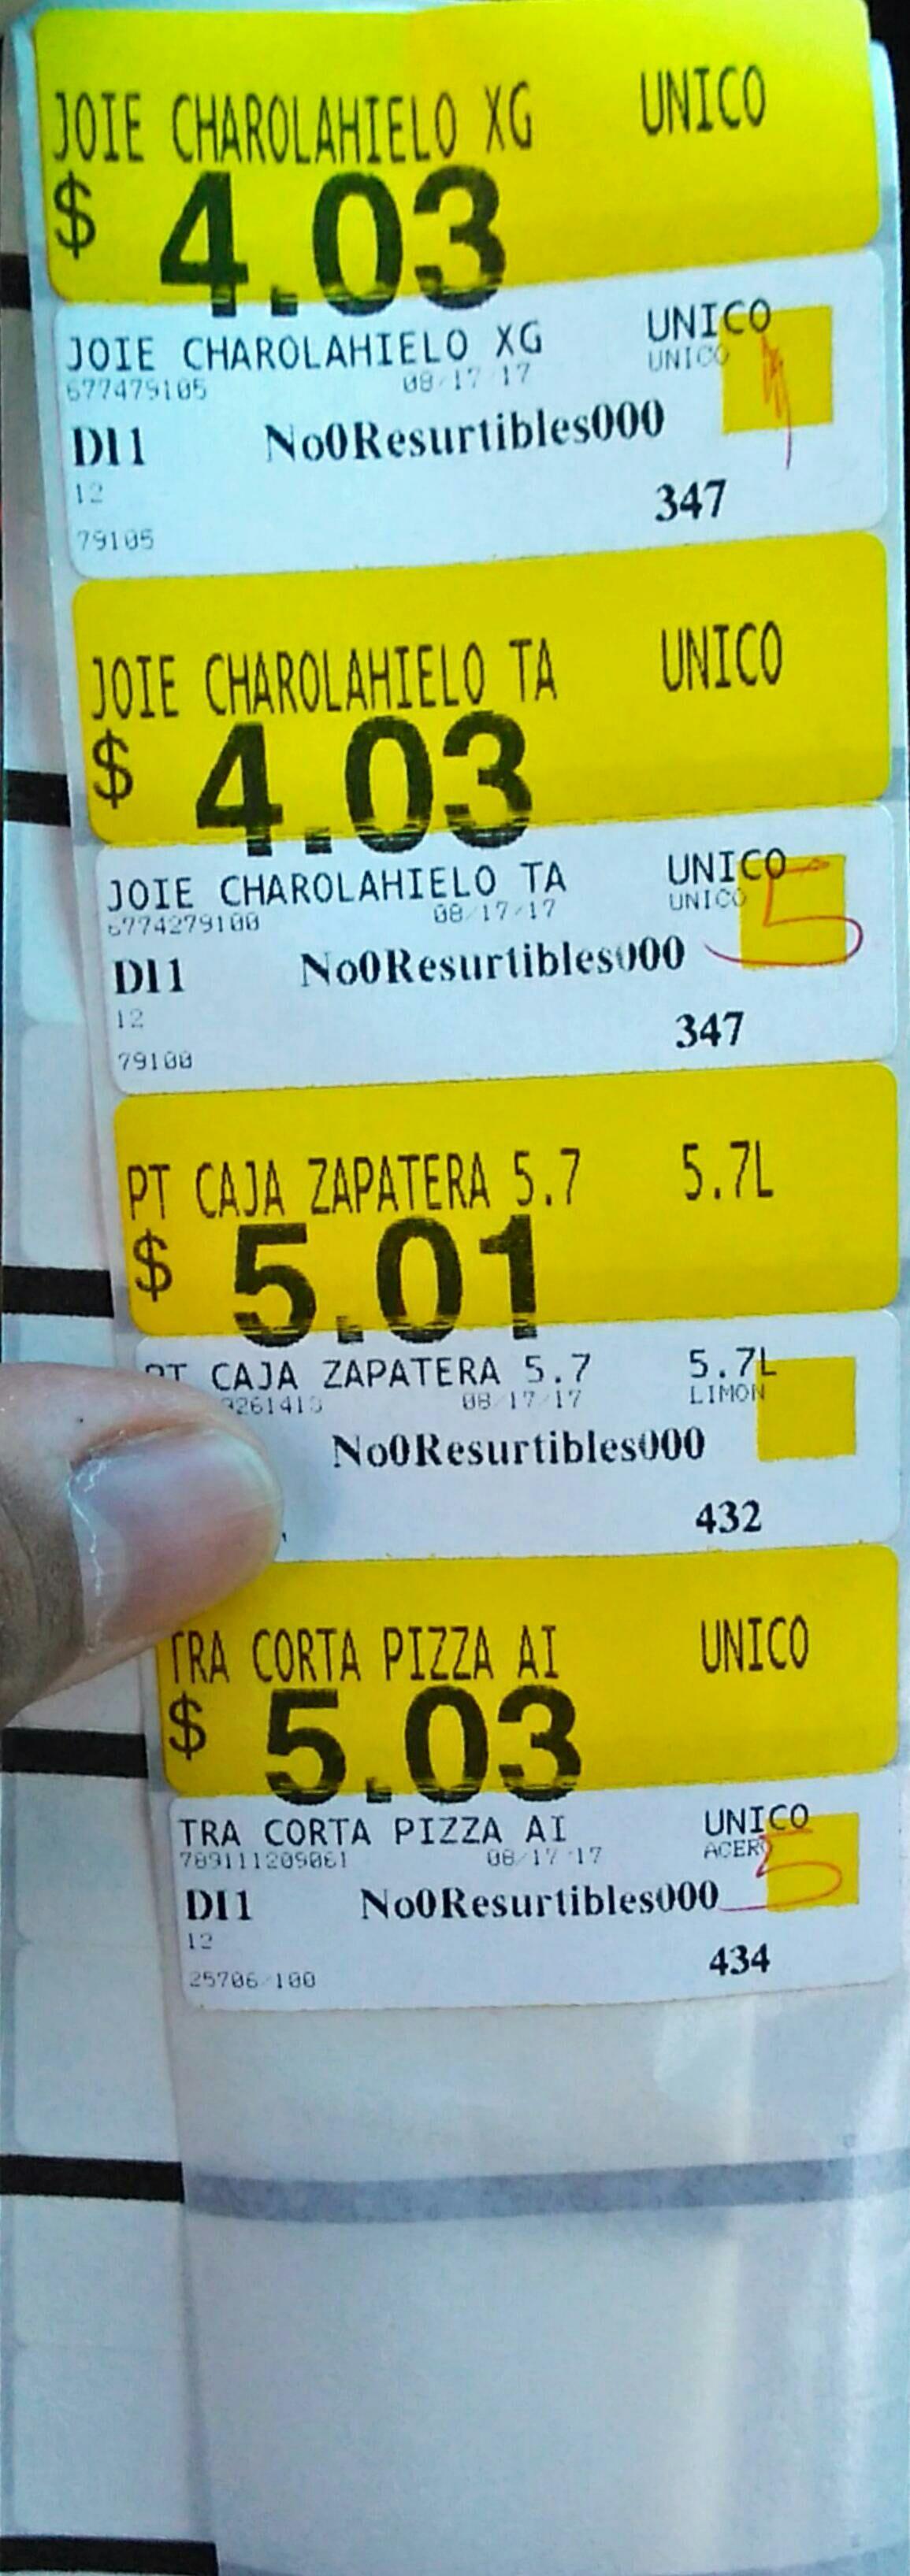 Walmart: Varios $1.03 y más liquidaciones.